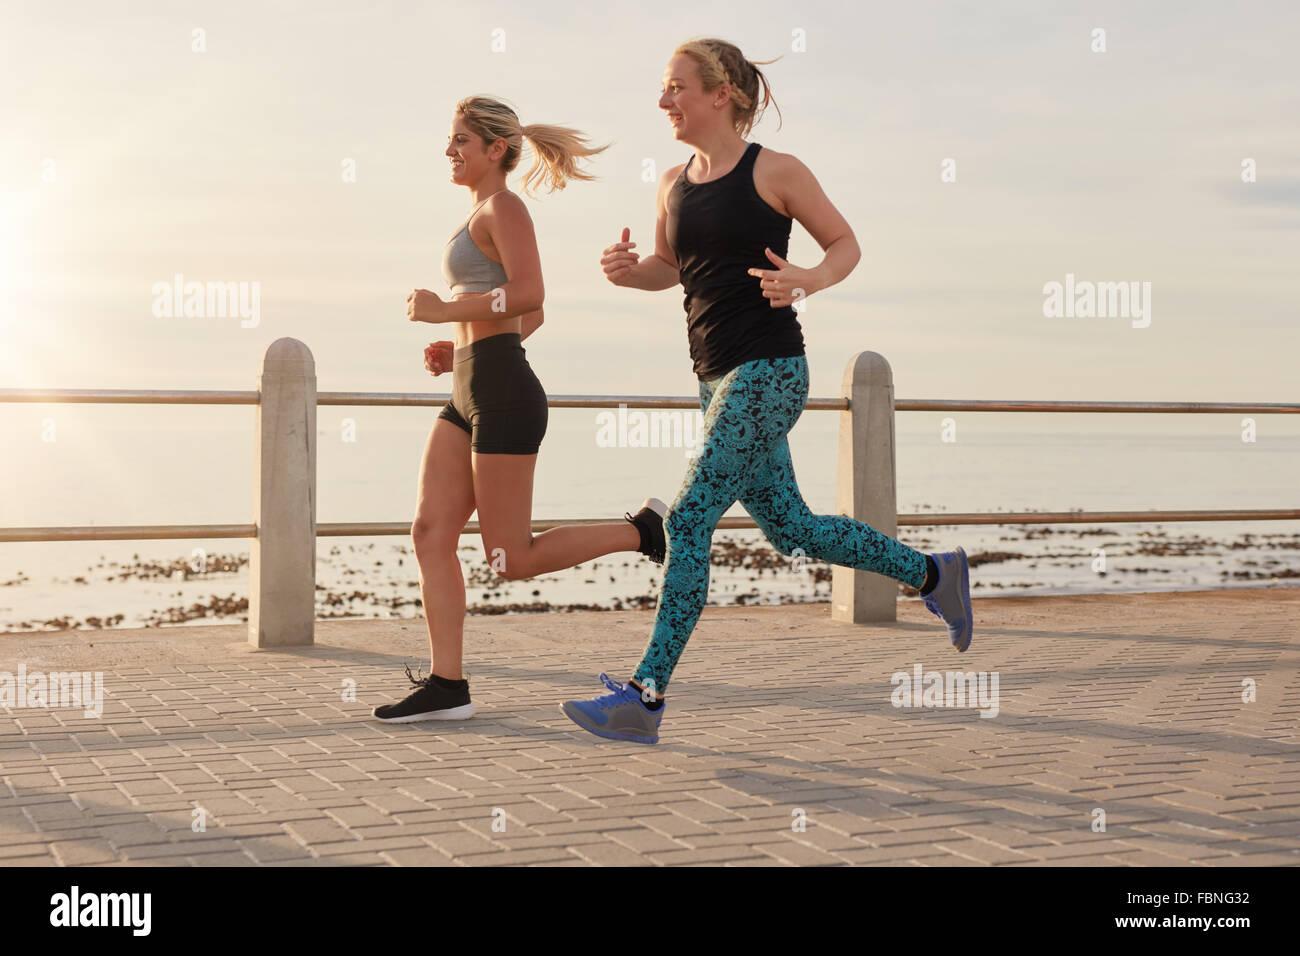 Zwei junge Frauen, die entlang der Strandpromenade. Passen Sie die jungen Läufer gemeinsam an einer Straße Stockbild